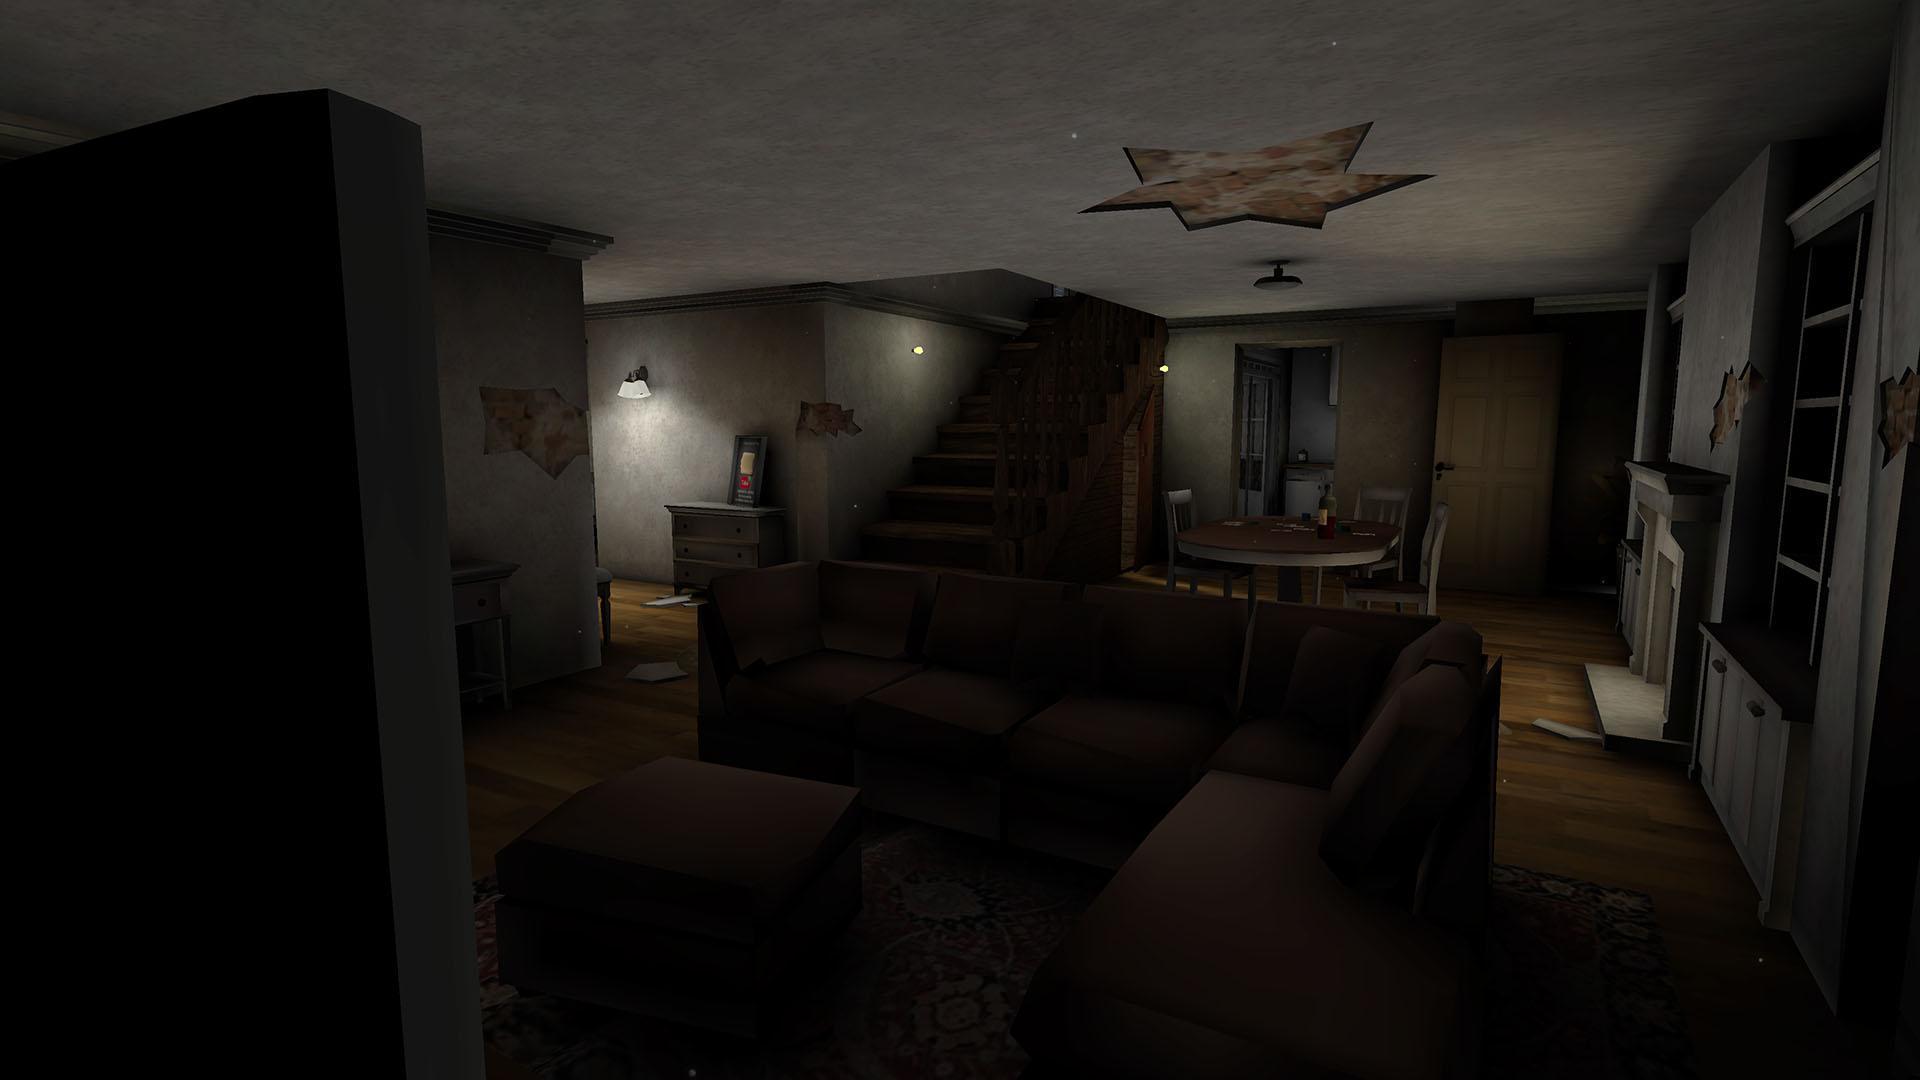 Dark Internet: ¡Juego de terror y supervivencia! 1.1.0 Screenshot 16